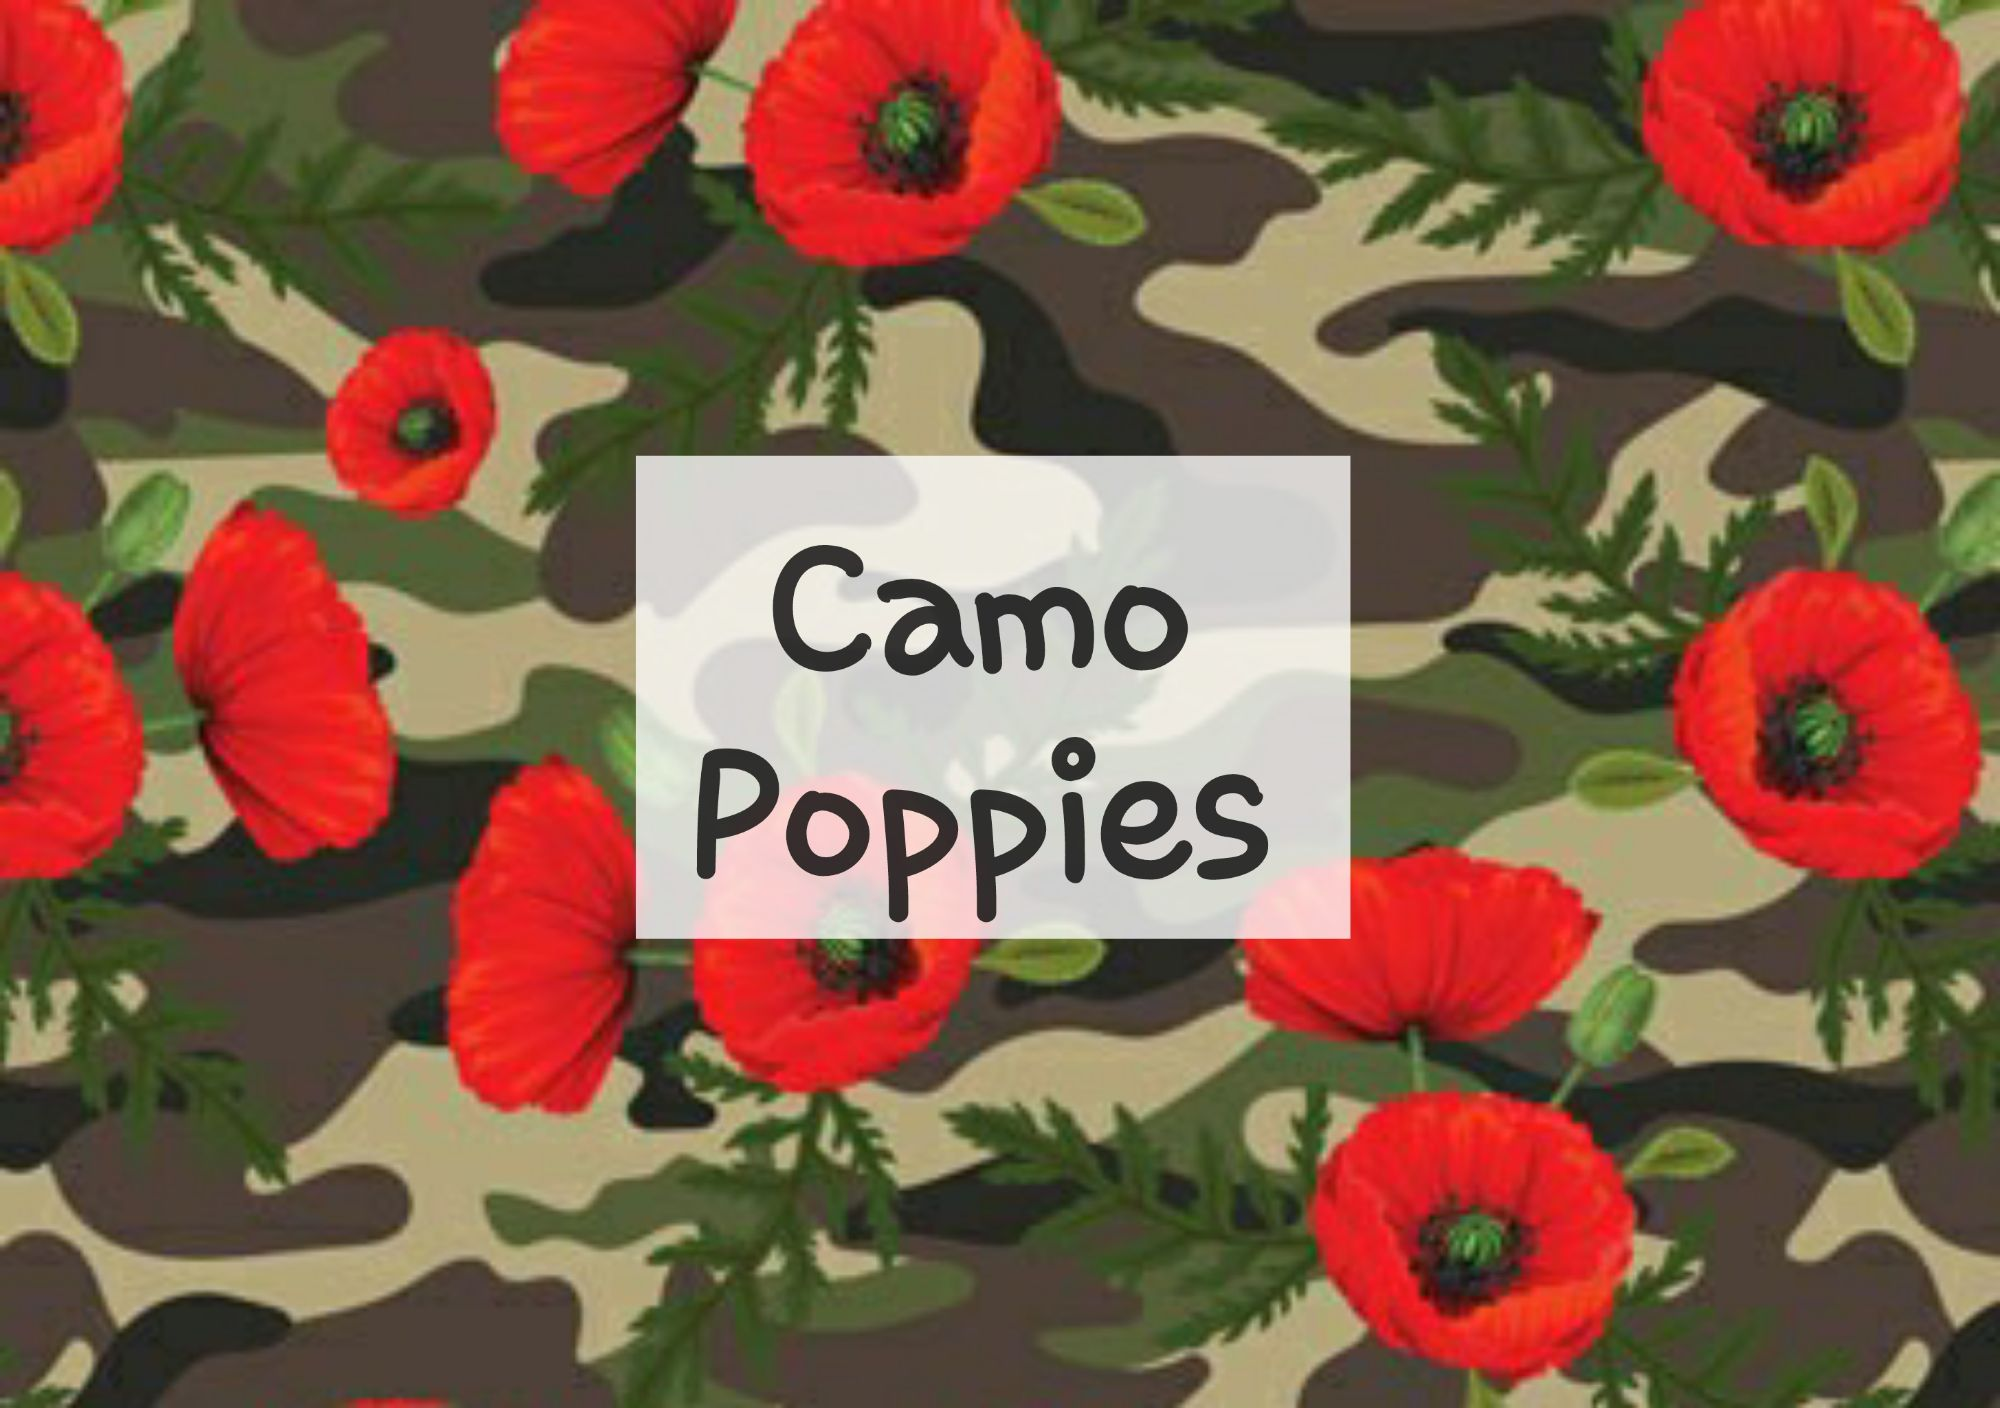 Camo Poppies